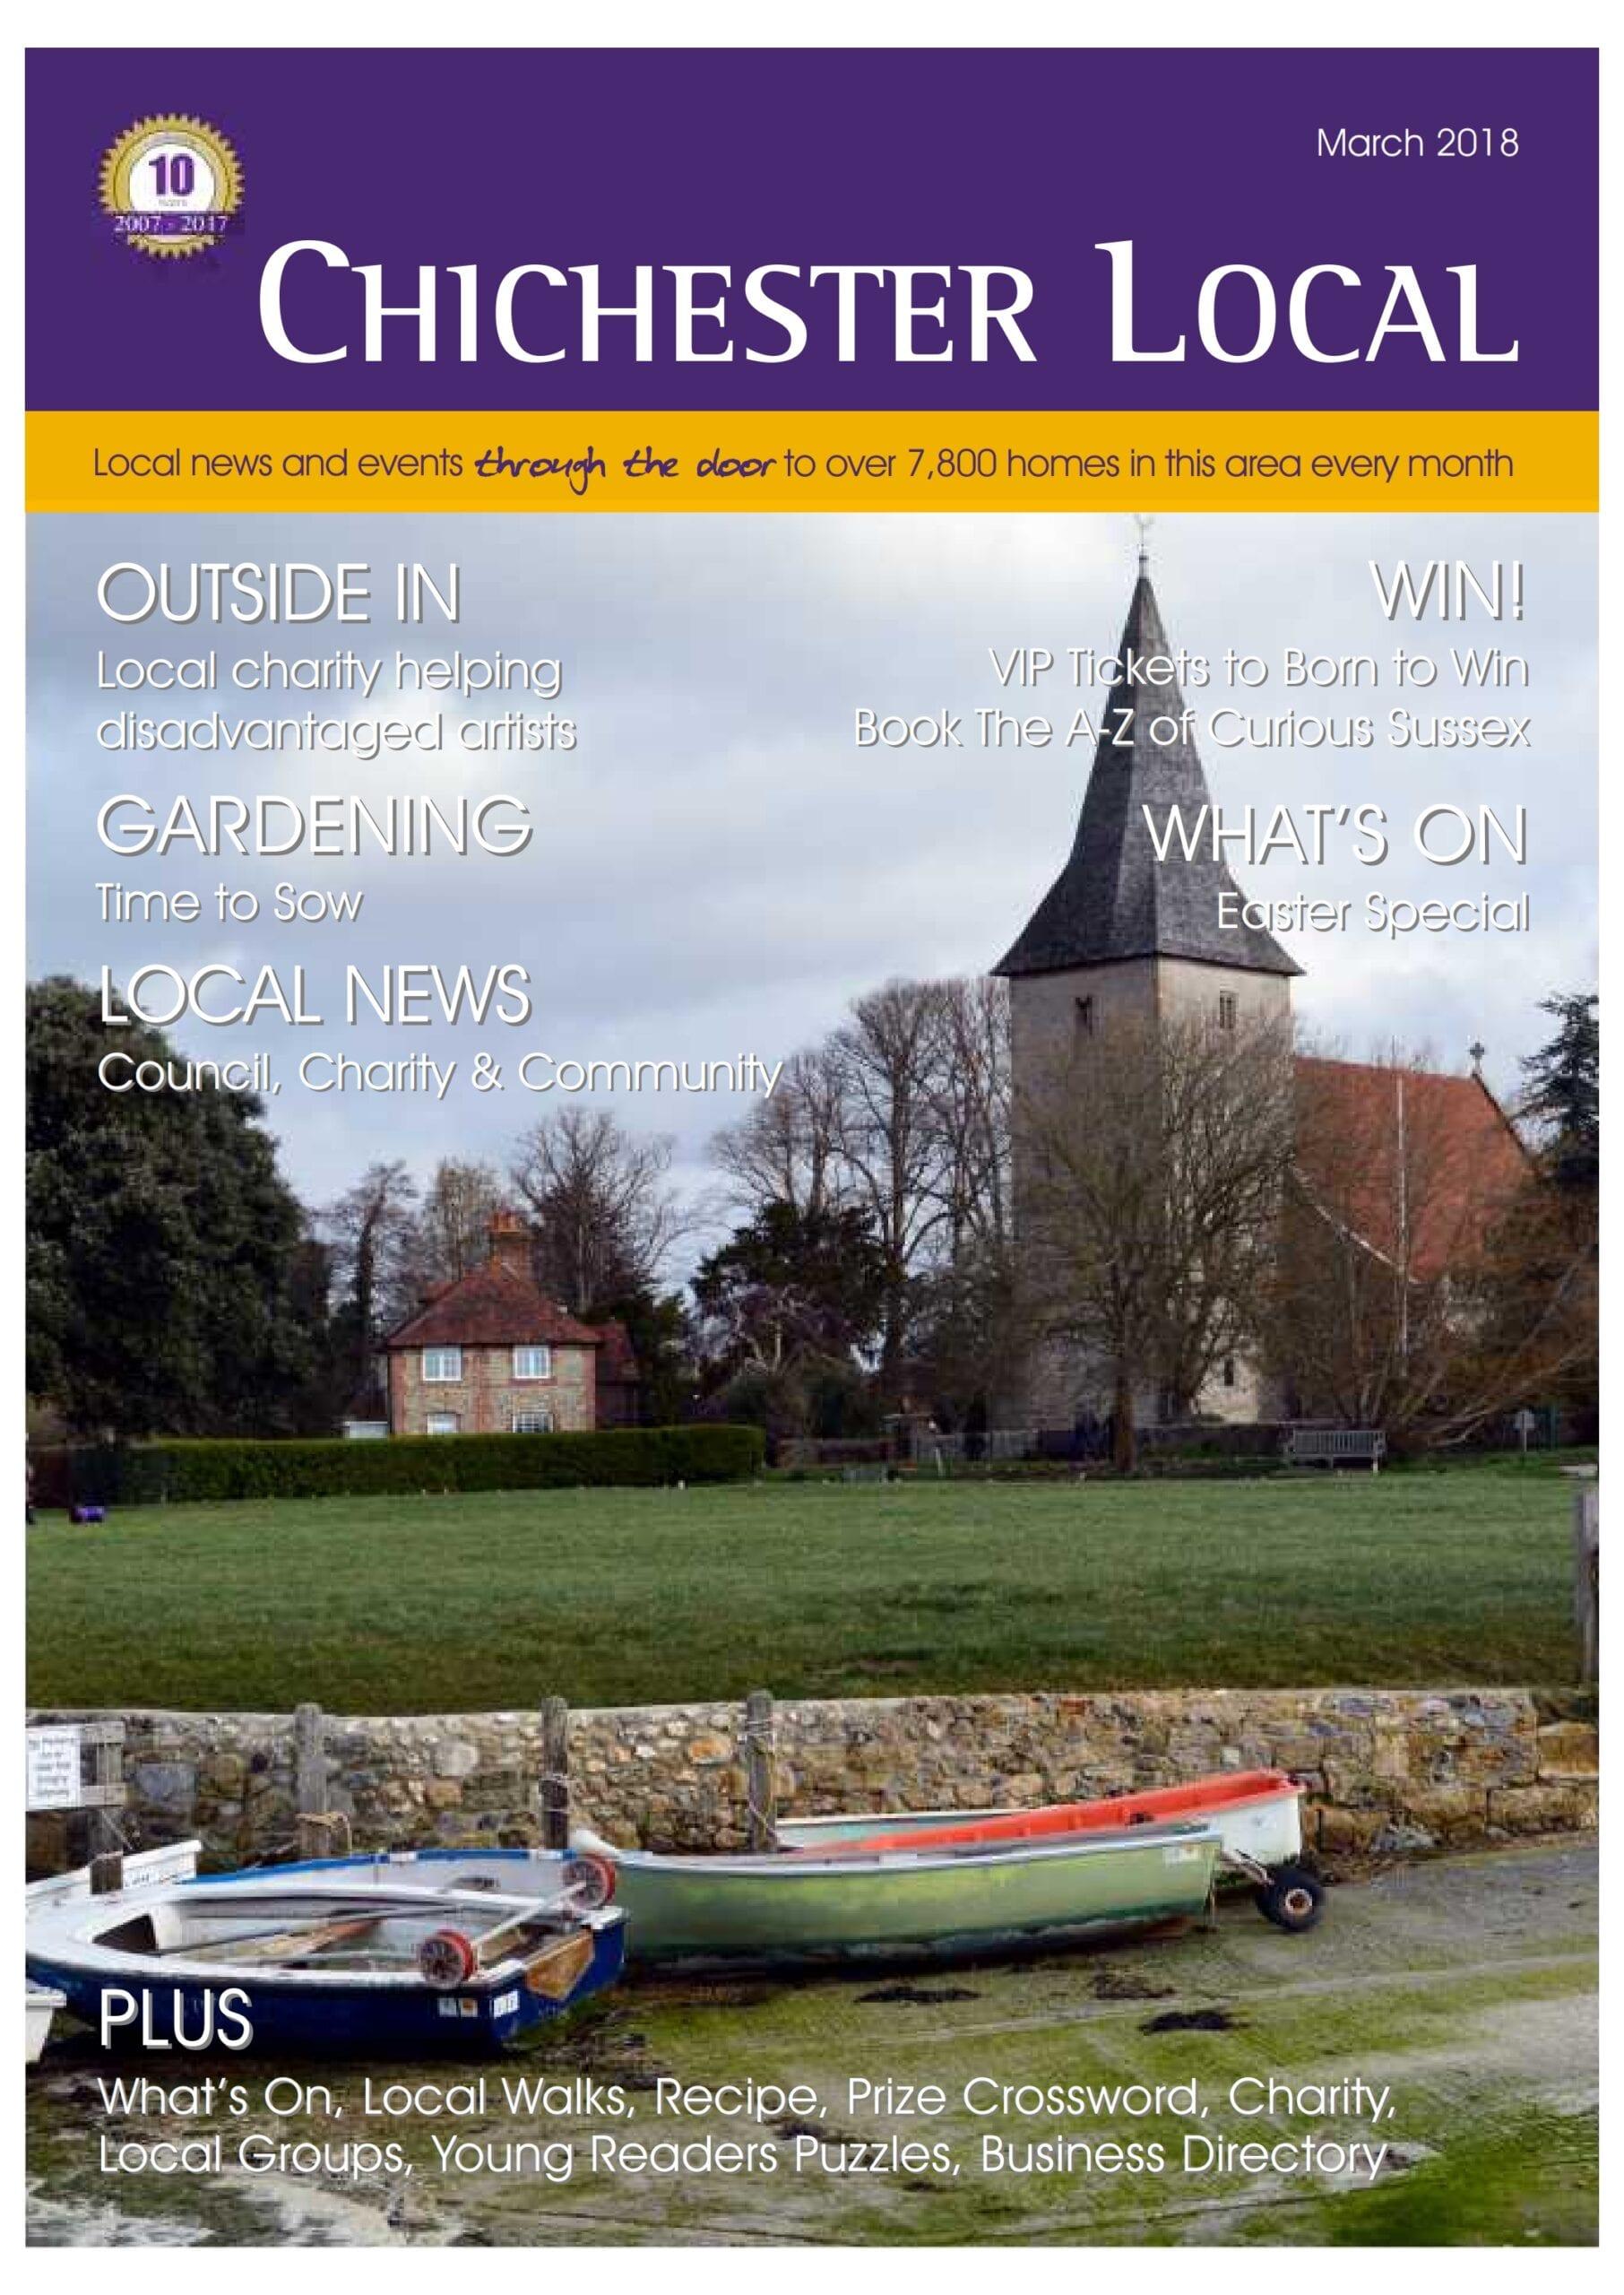 Chichester March 2018